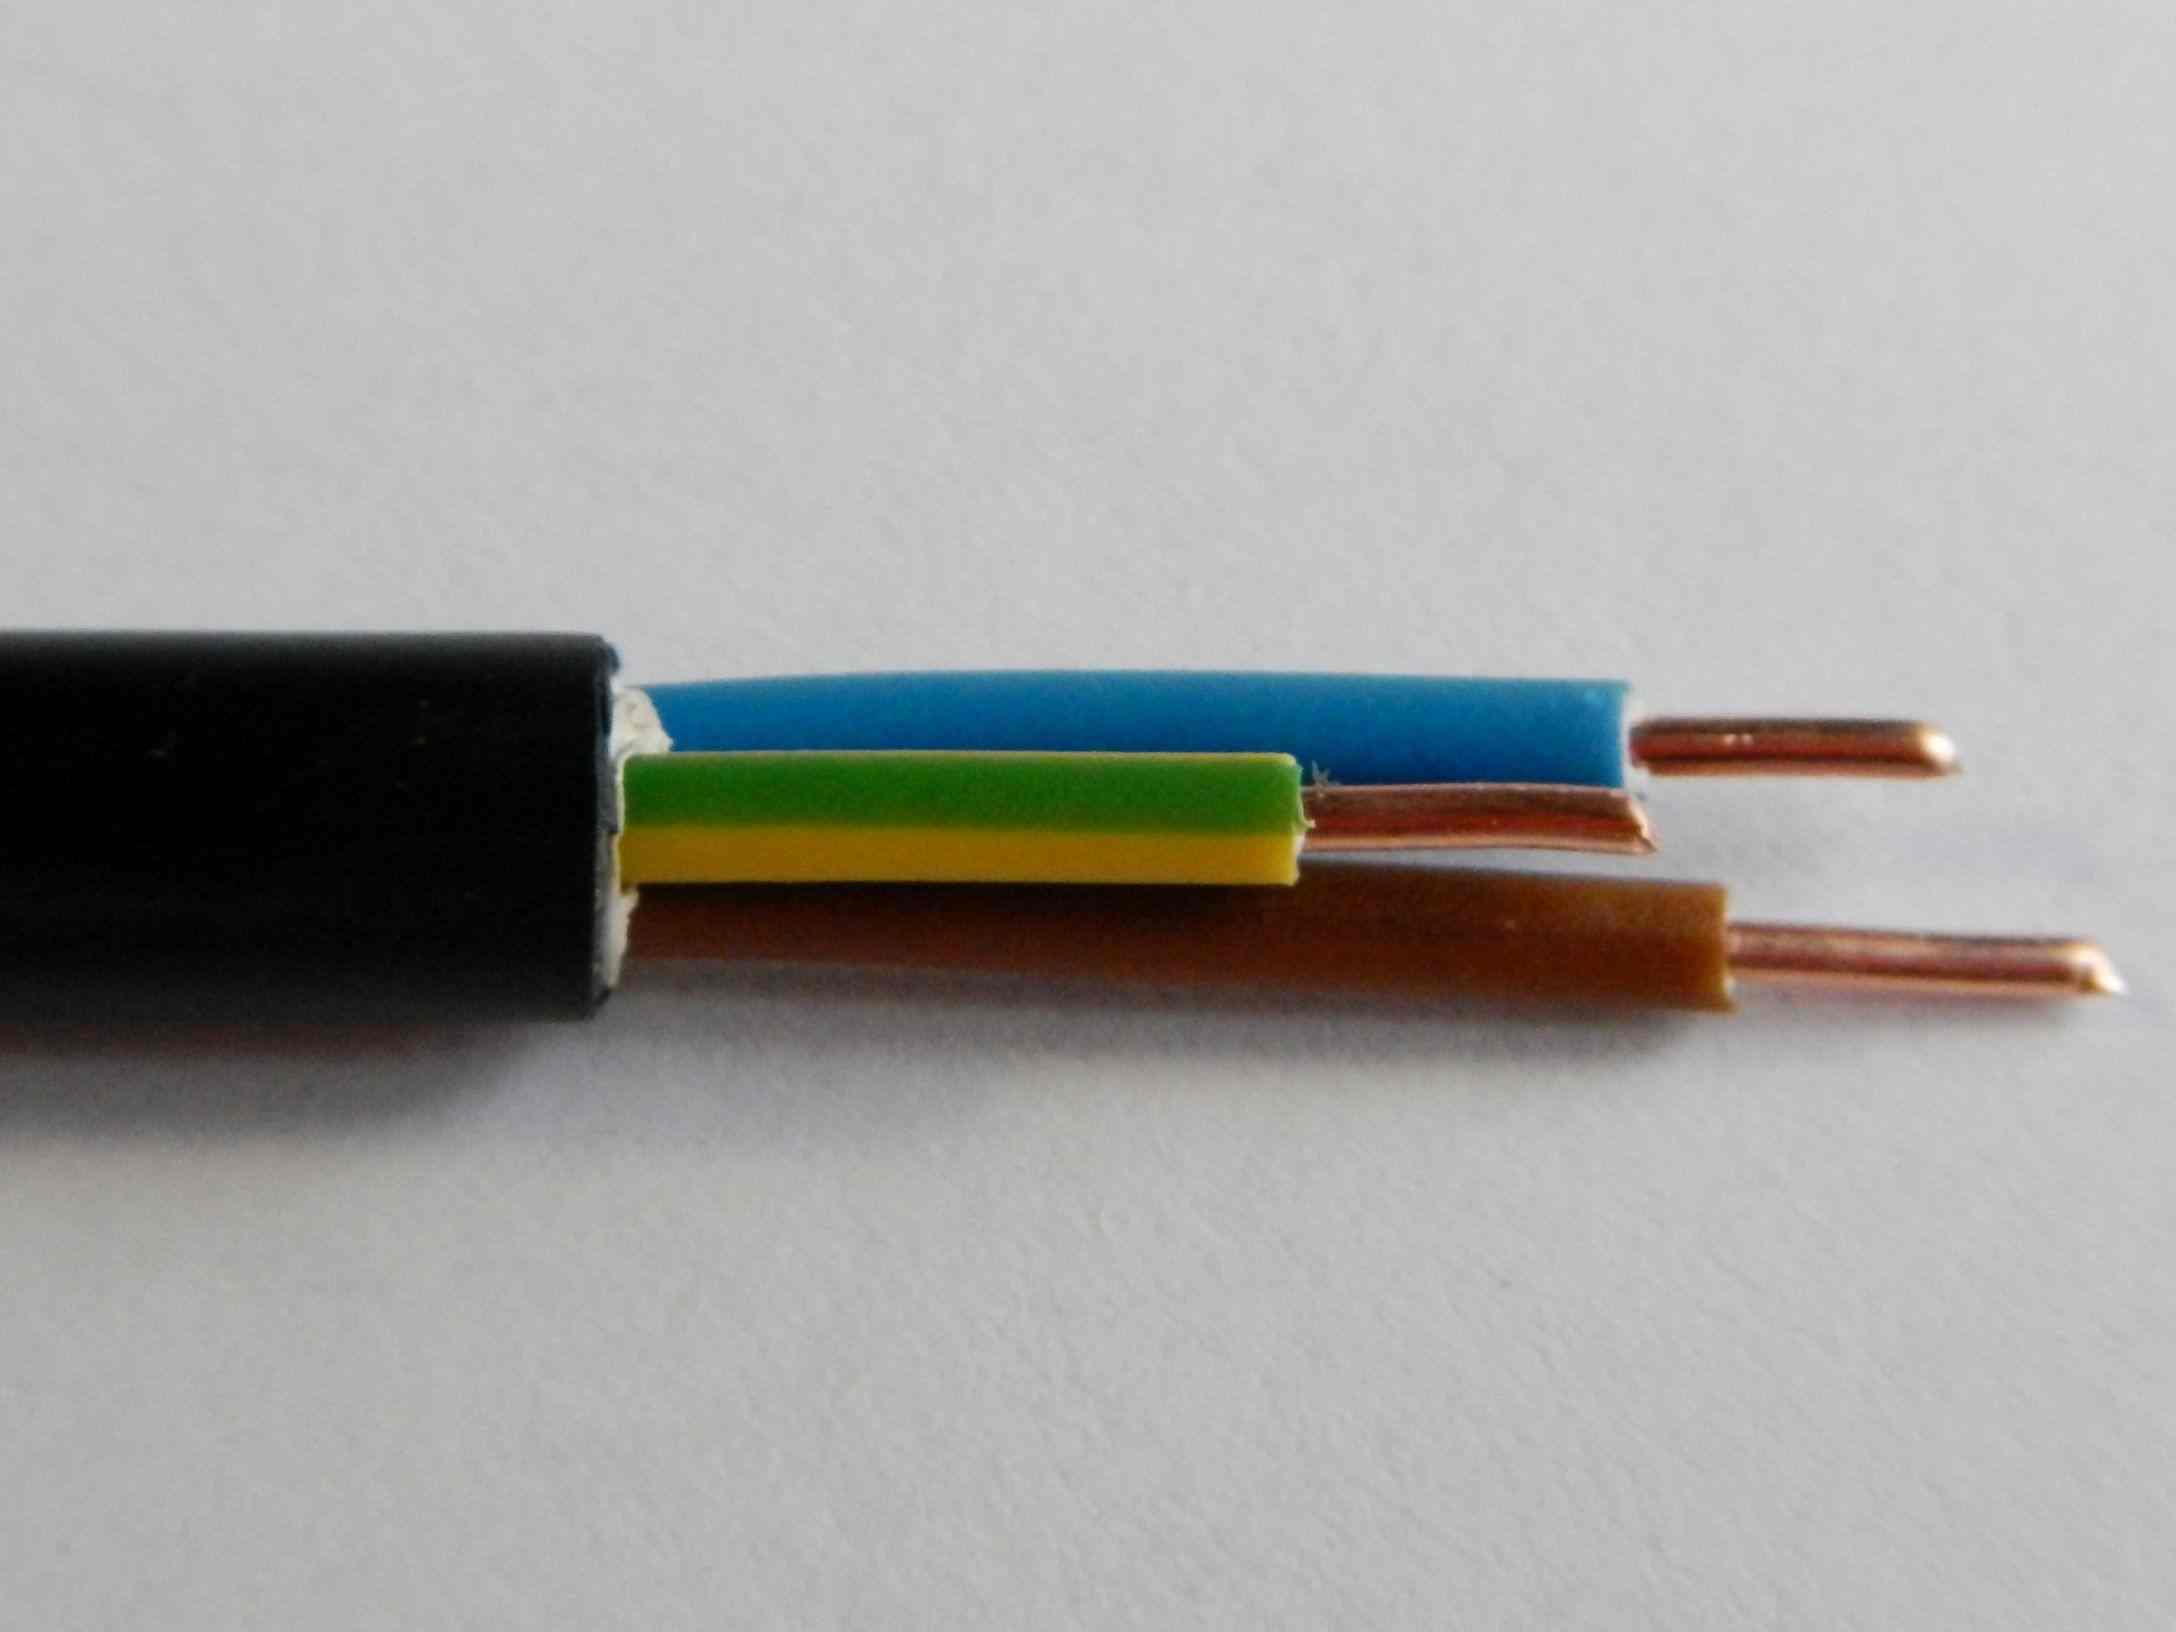 kabely silov kabely cyky silov kabel cyky j 3x2 5 3cx2 5 smotek 100m levn elektro. Black Bedroom Furniture Sets. Home Design Ideas